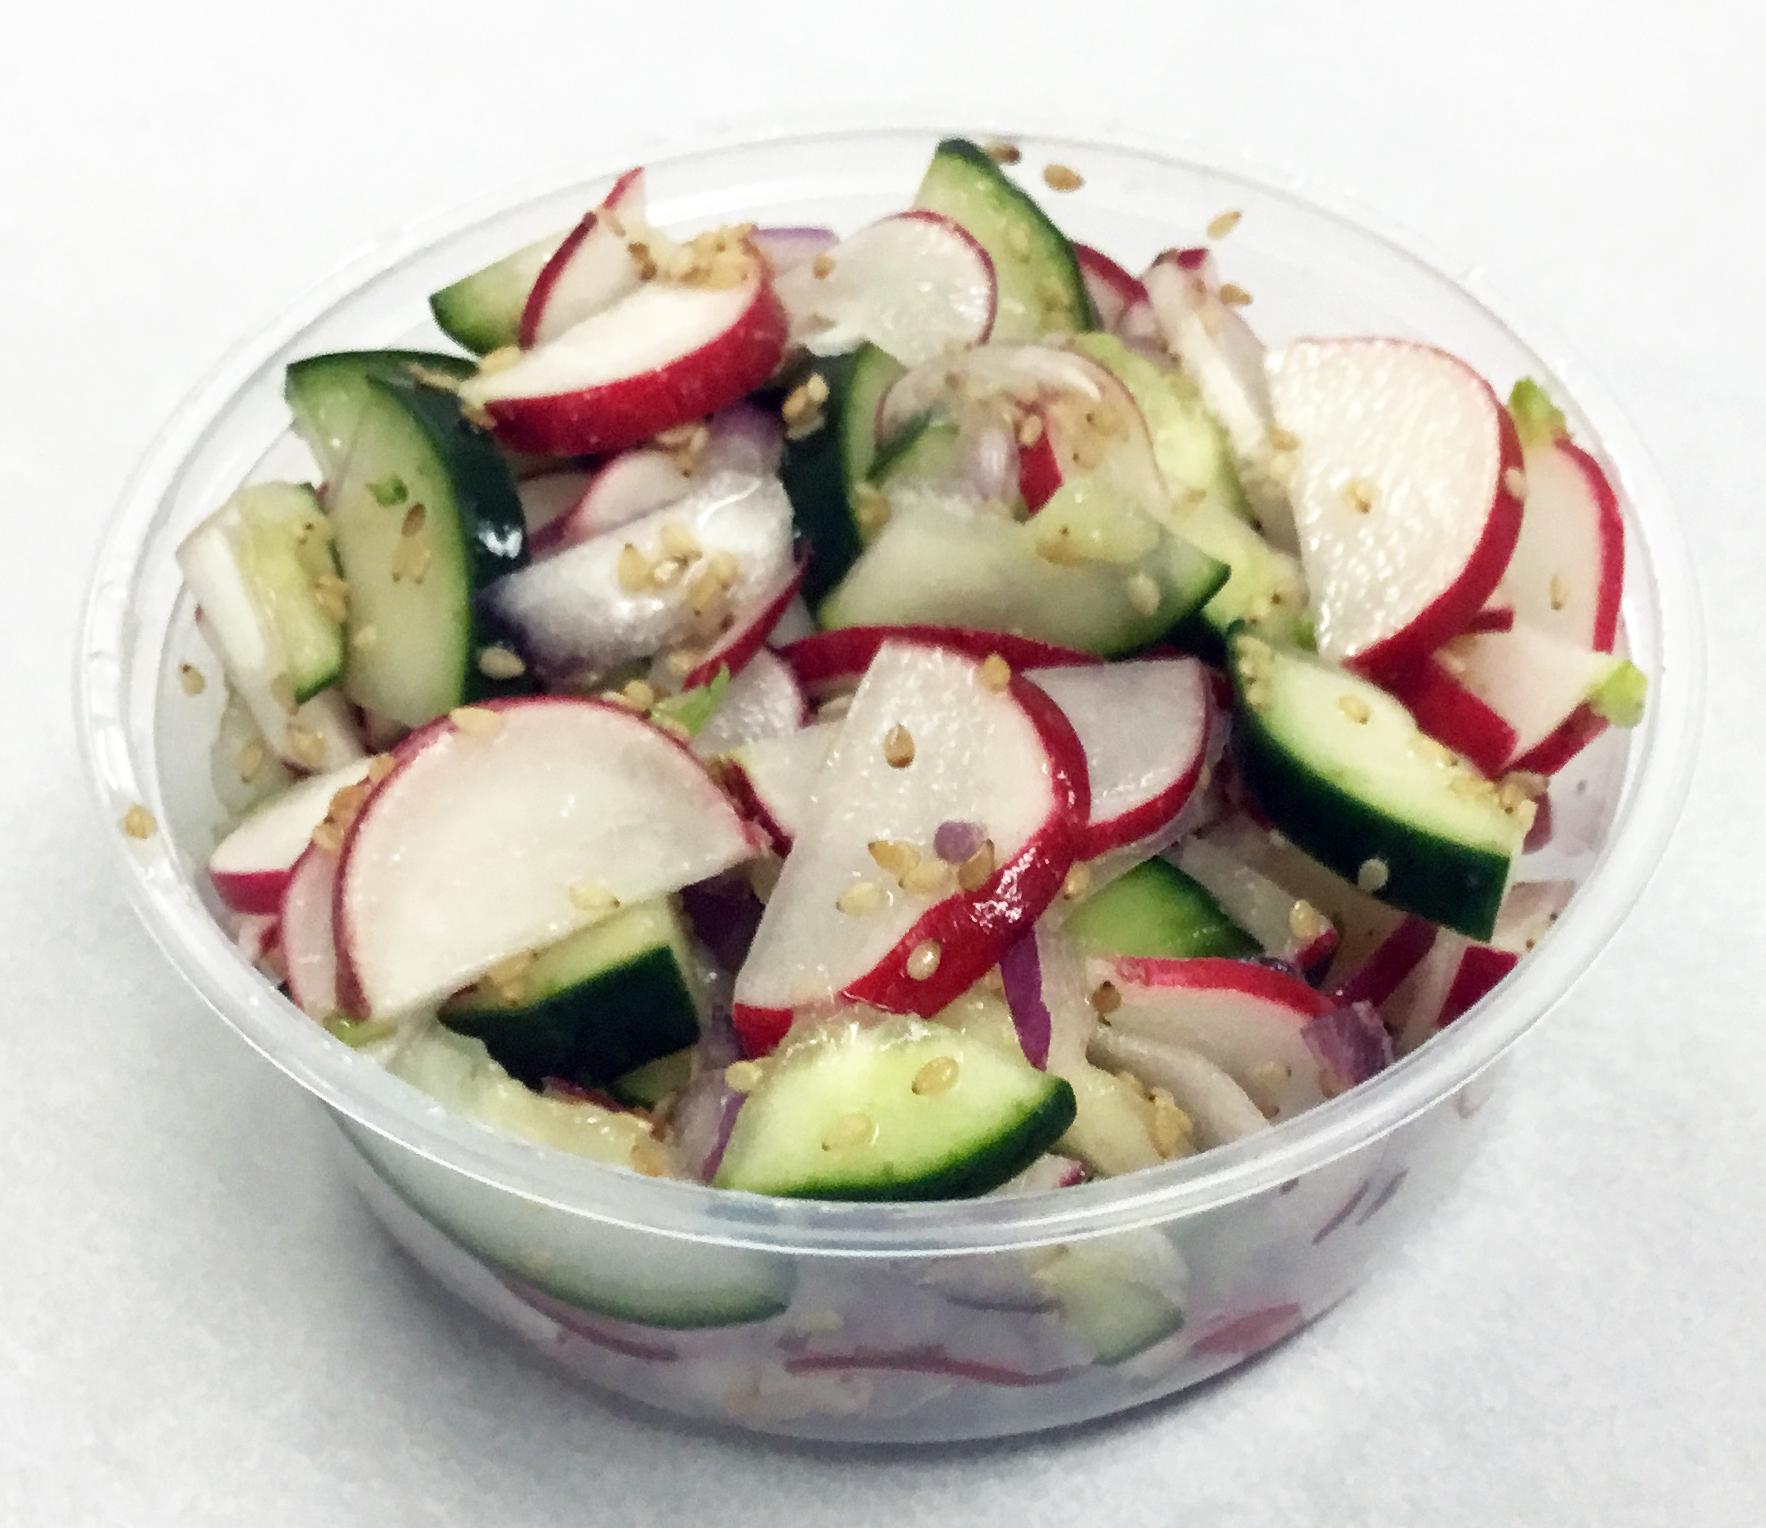 Red radish, cucumber and toasted sesame seed pressed salad.